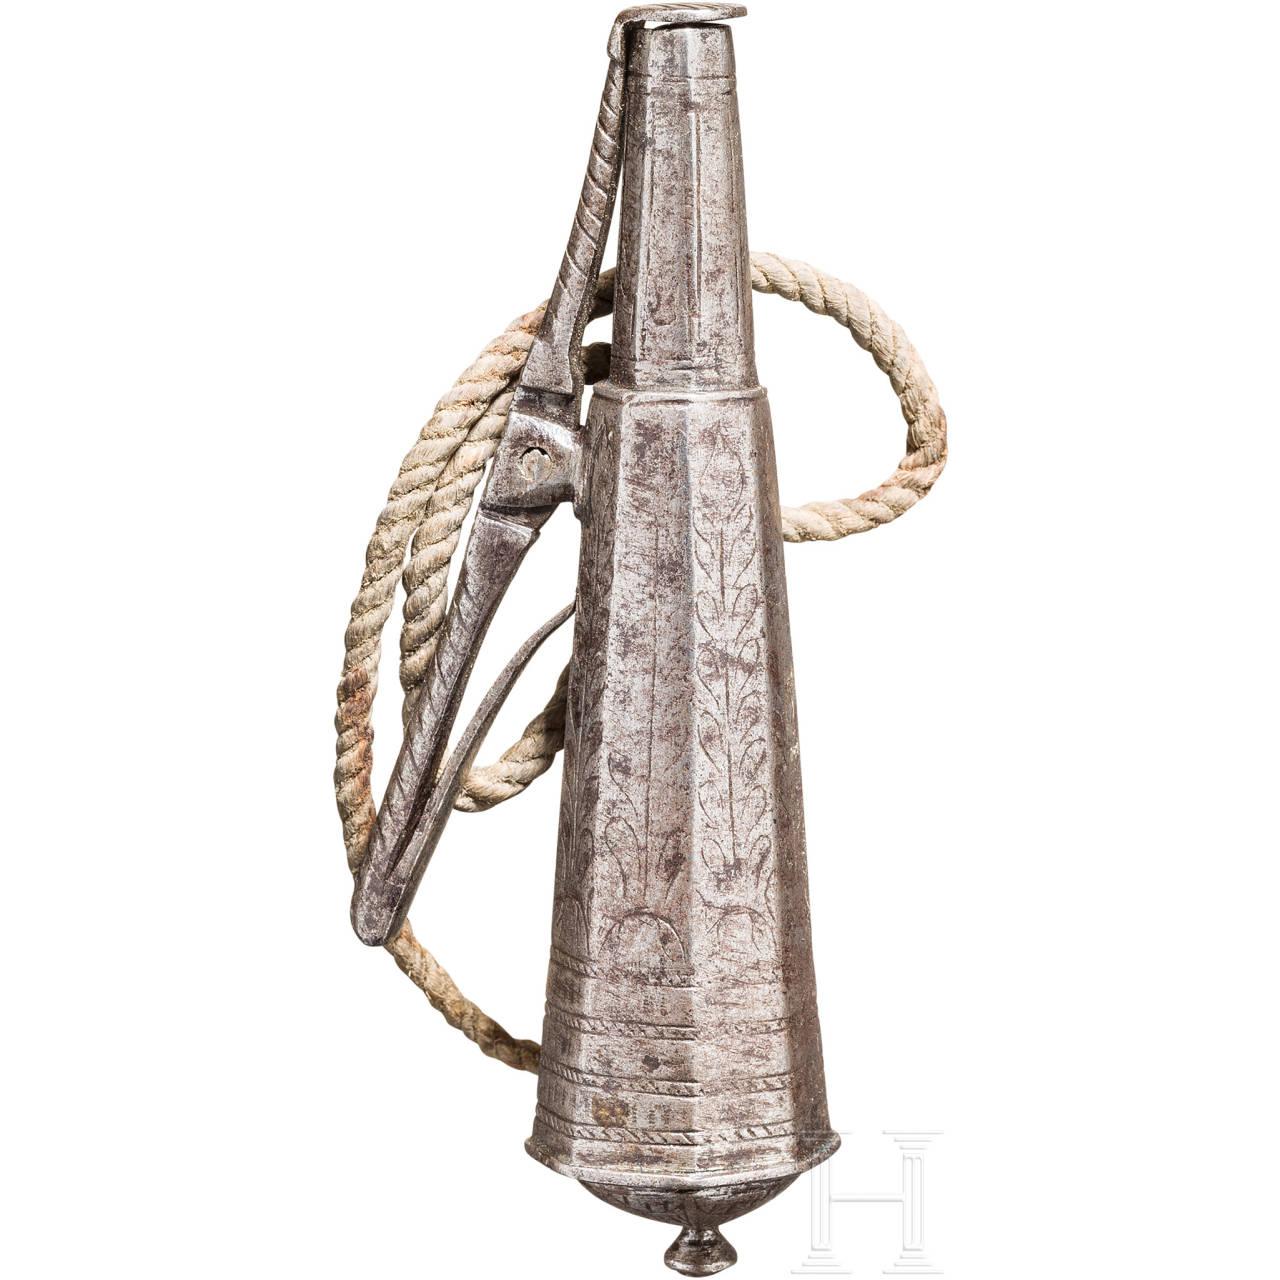 Kleine, eiserne Zündkrautflasche, deutsch, um 1600